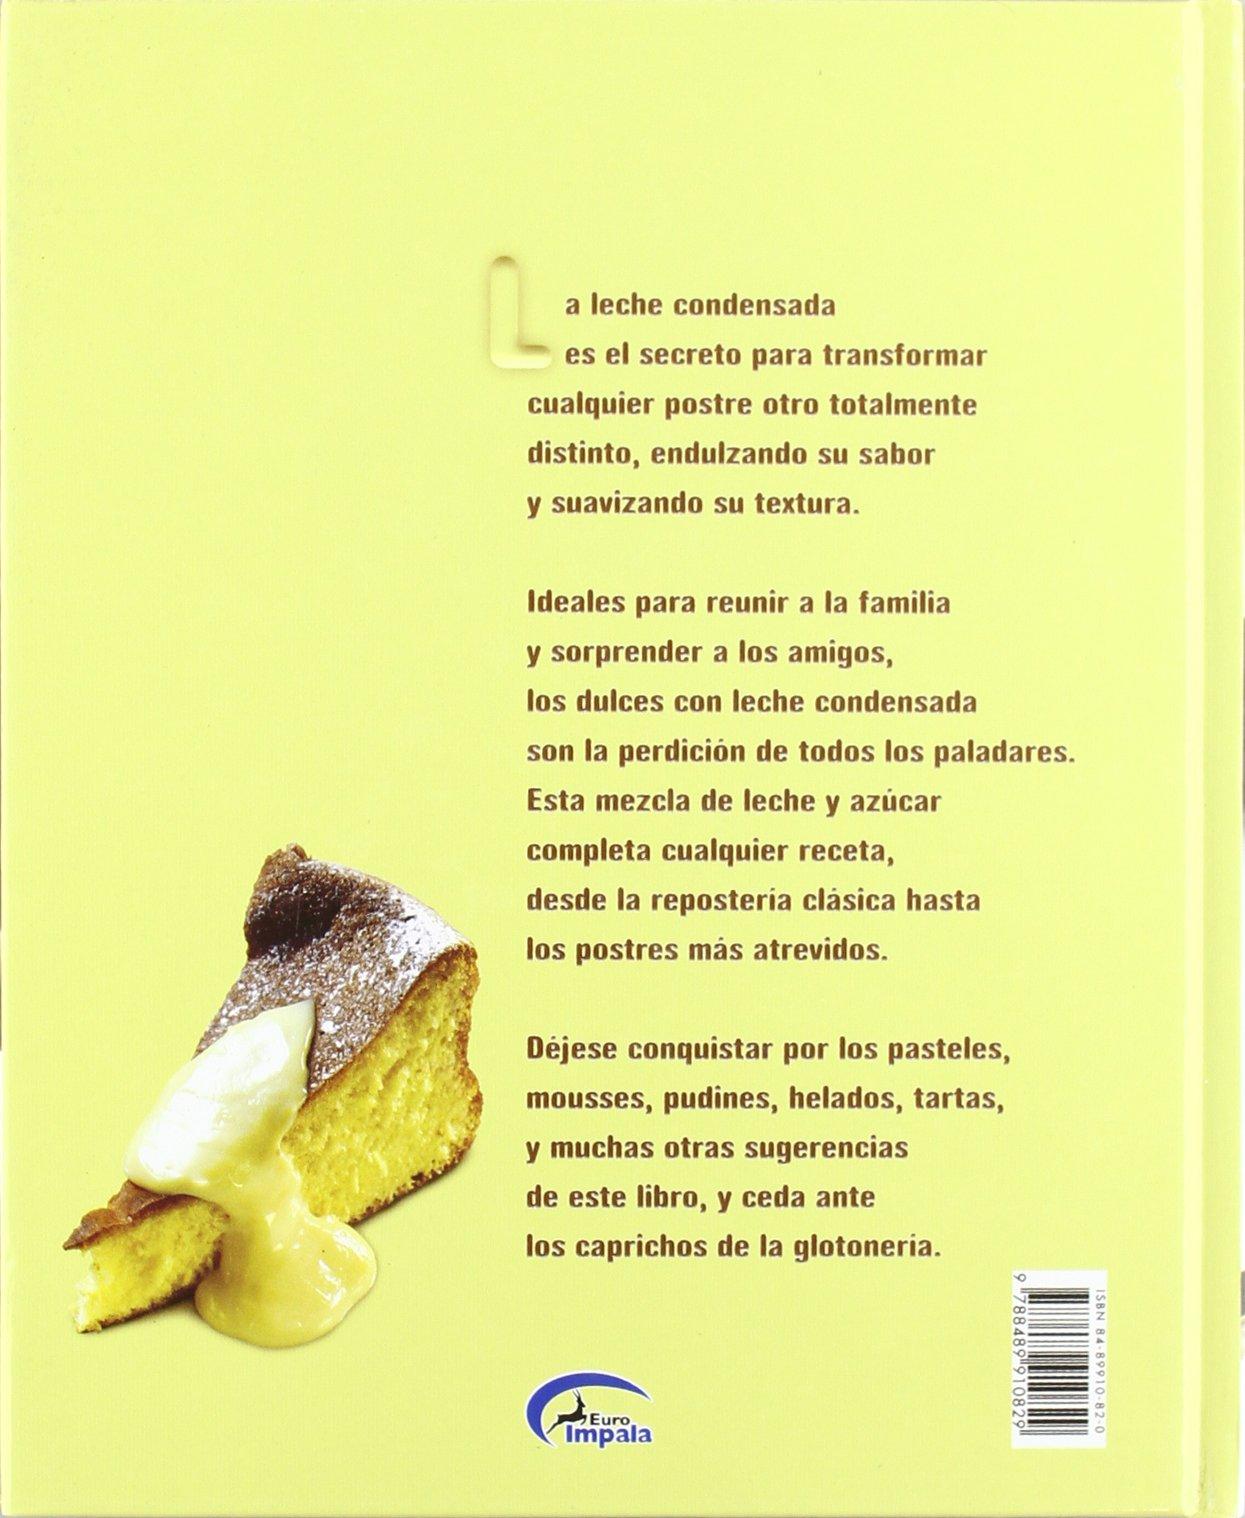 Mejores recetas con leche condensada, las: Amazon.es: Aa.Vv.: Libros